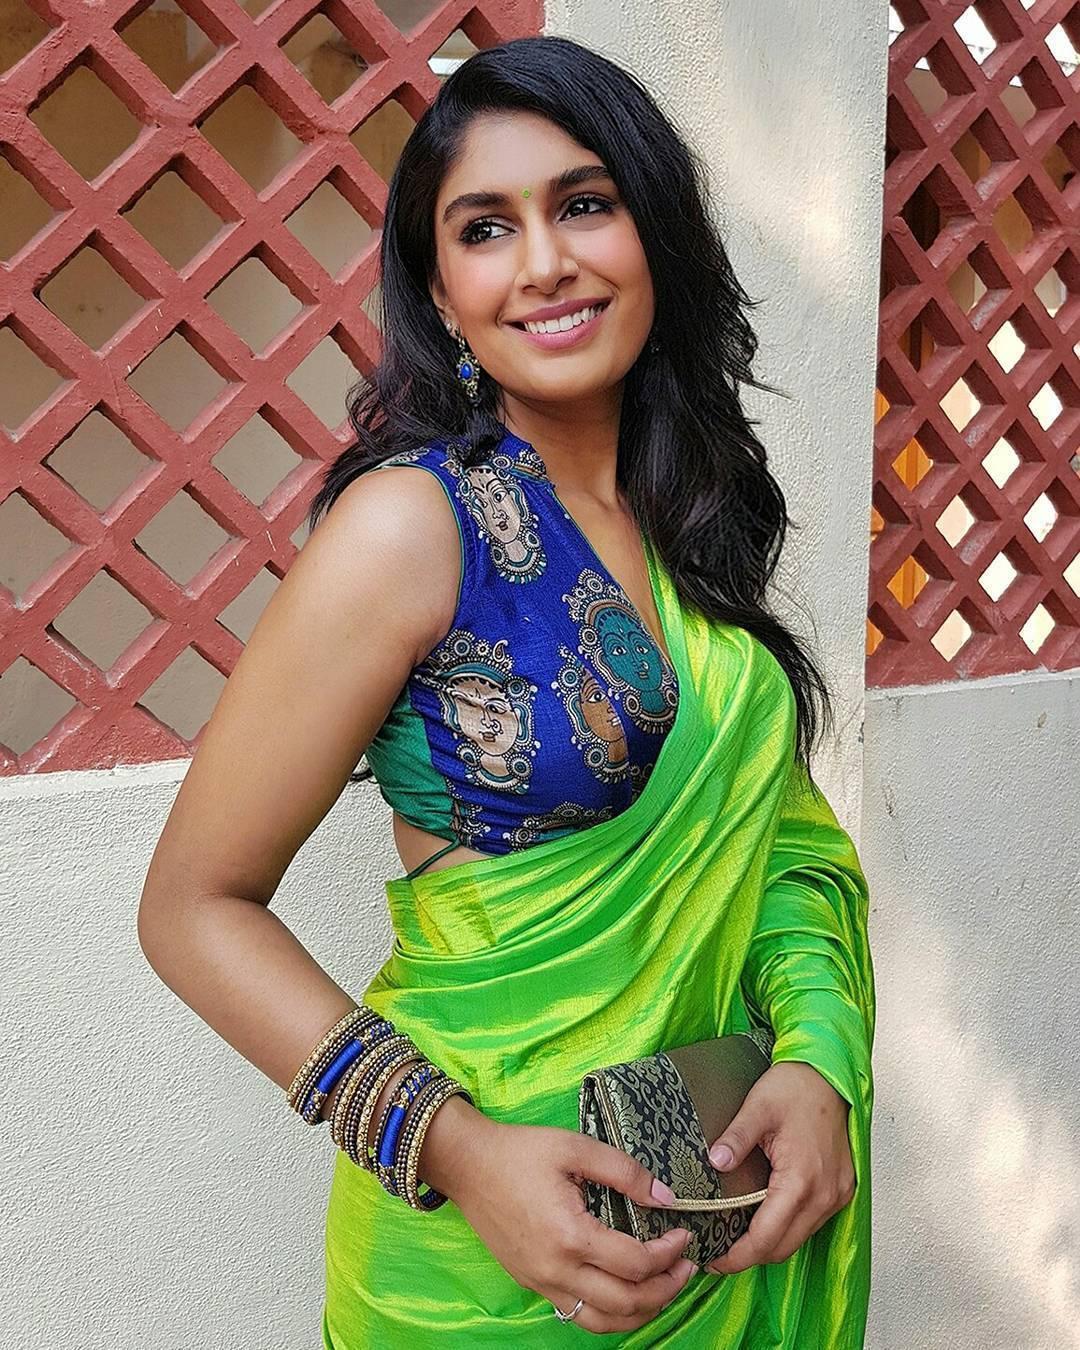 కీరా నారాయణన్ : IPL యాంకర్ హాట్ ఫోటోలు